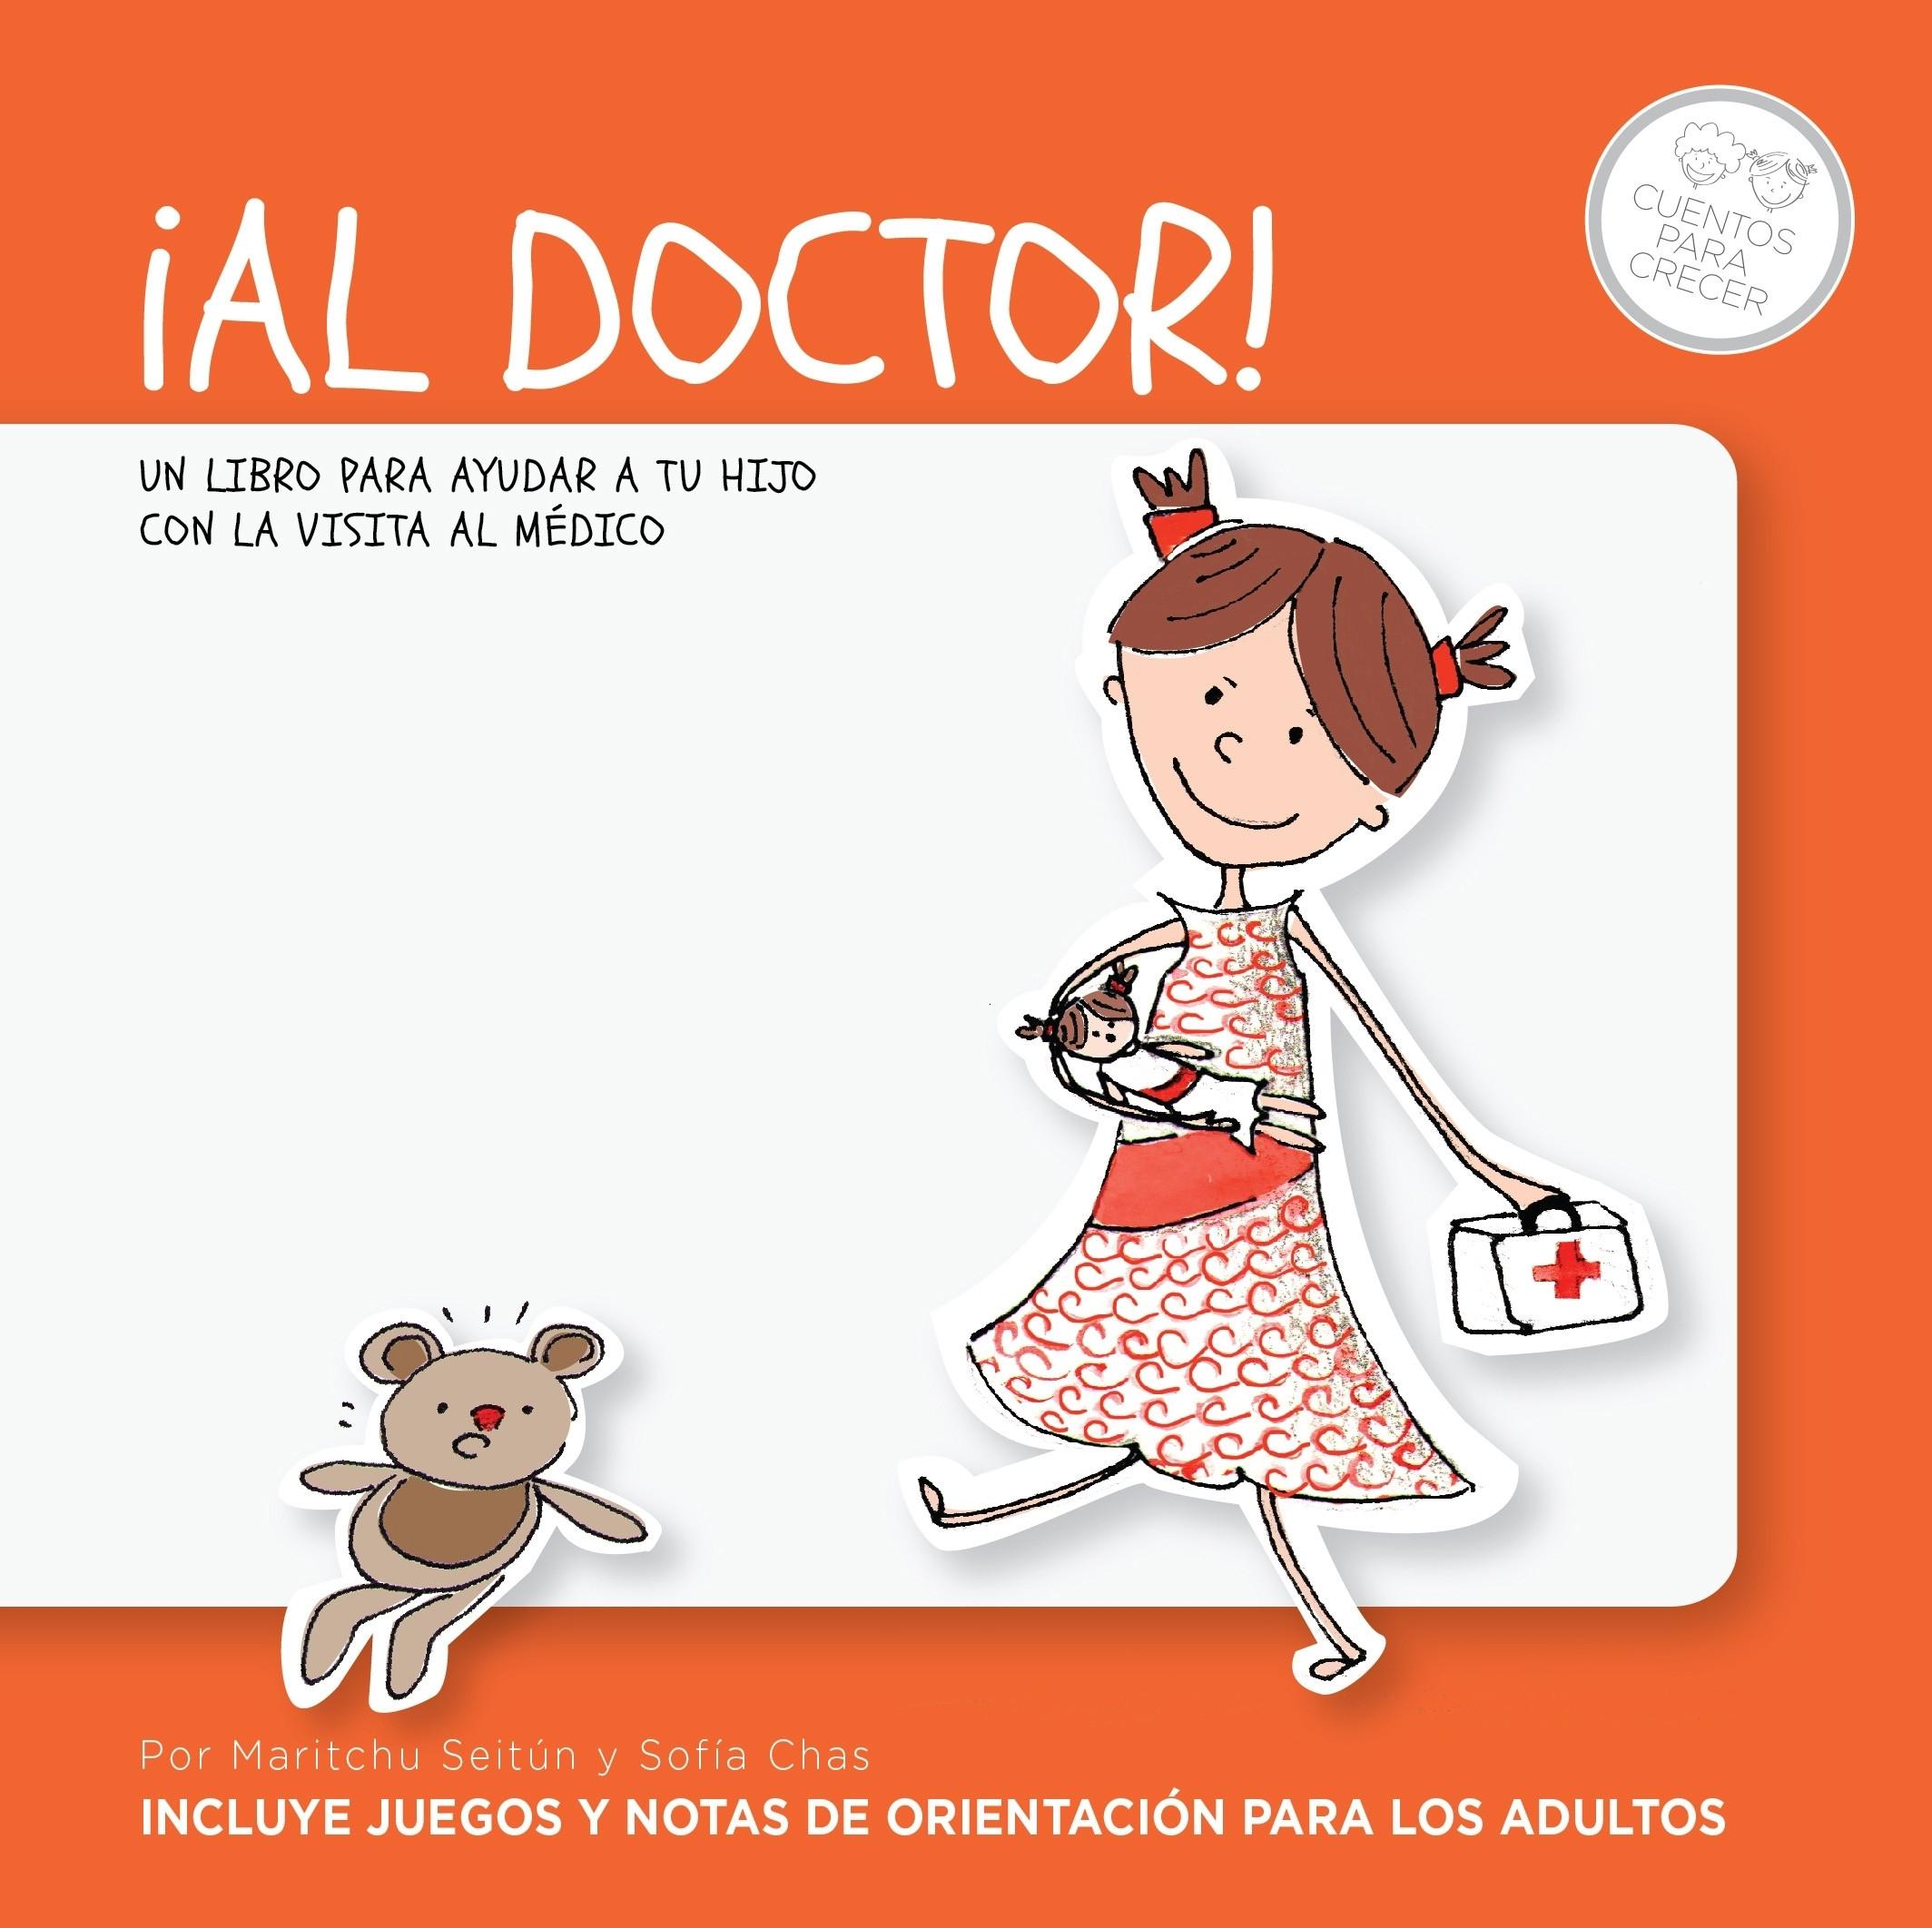 ¡Al doctor! (Incluye juegos y notas de orientación para los adultos)